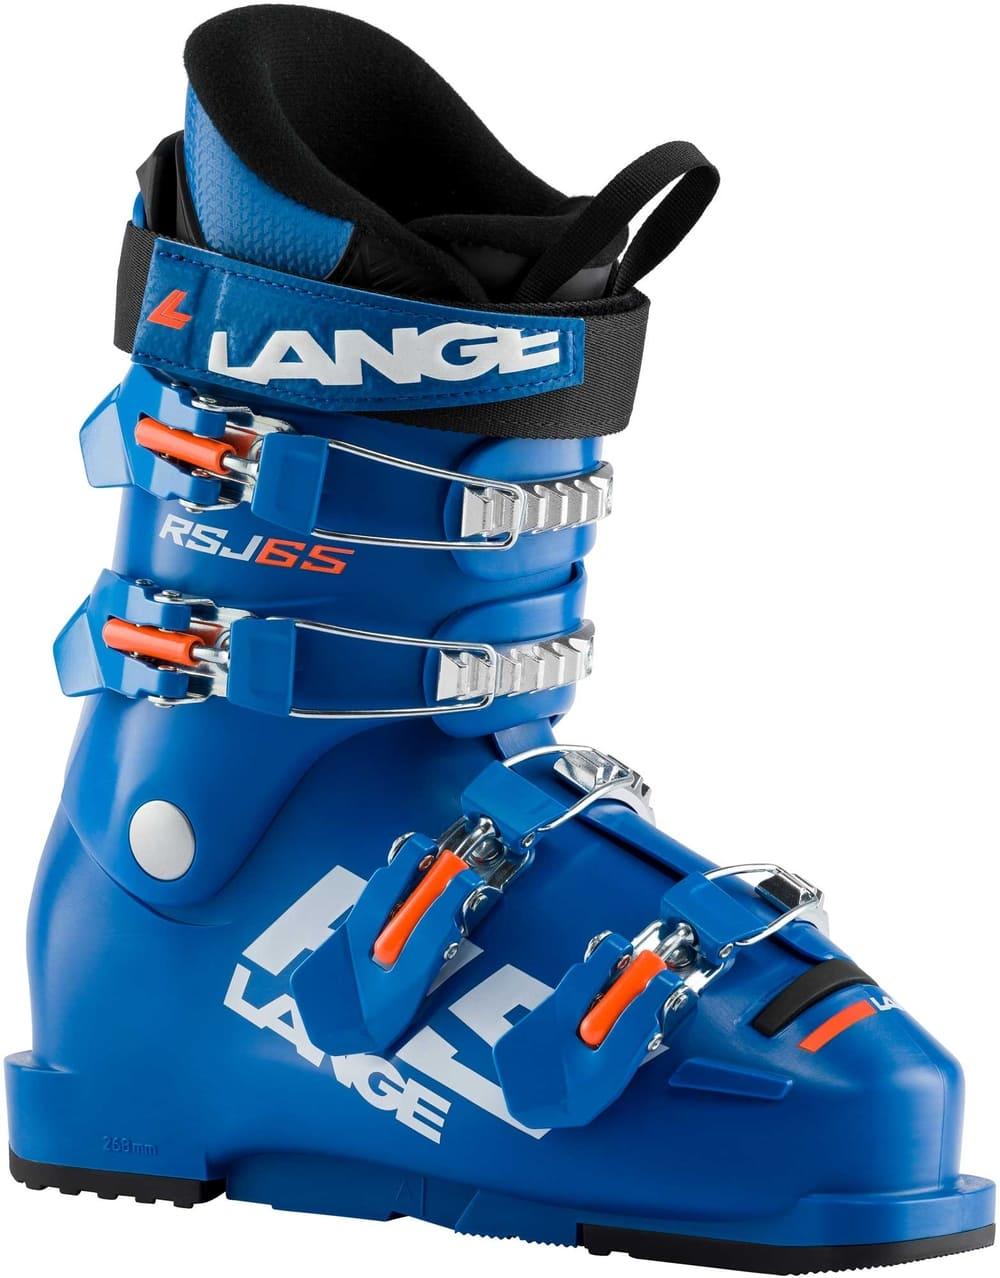 Lange RSJ 65 Power Blue - 23,5